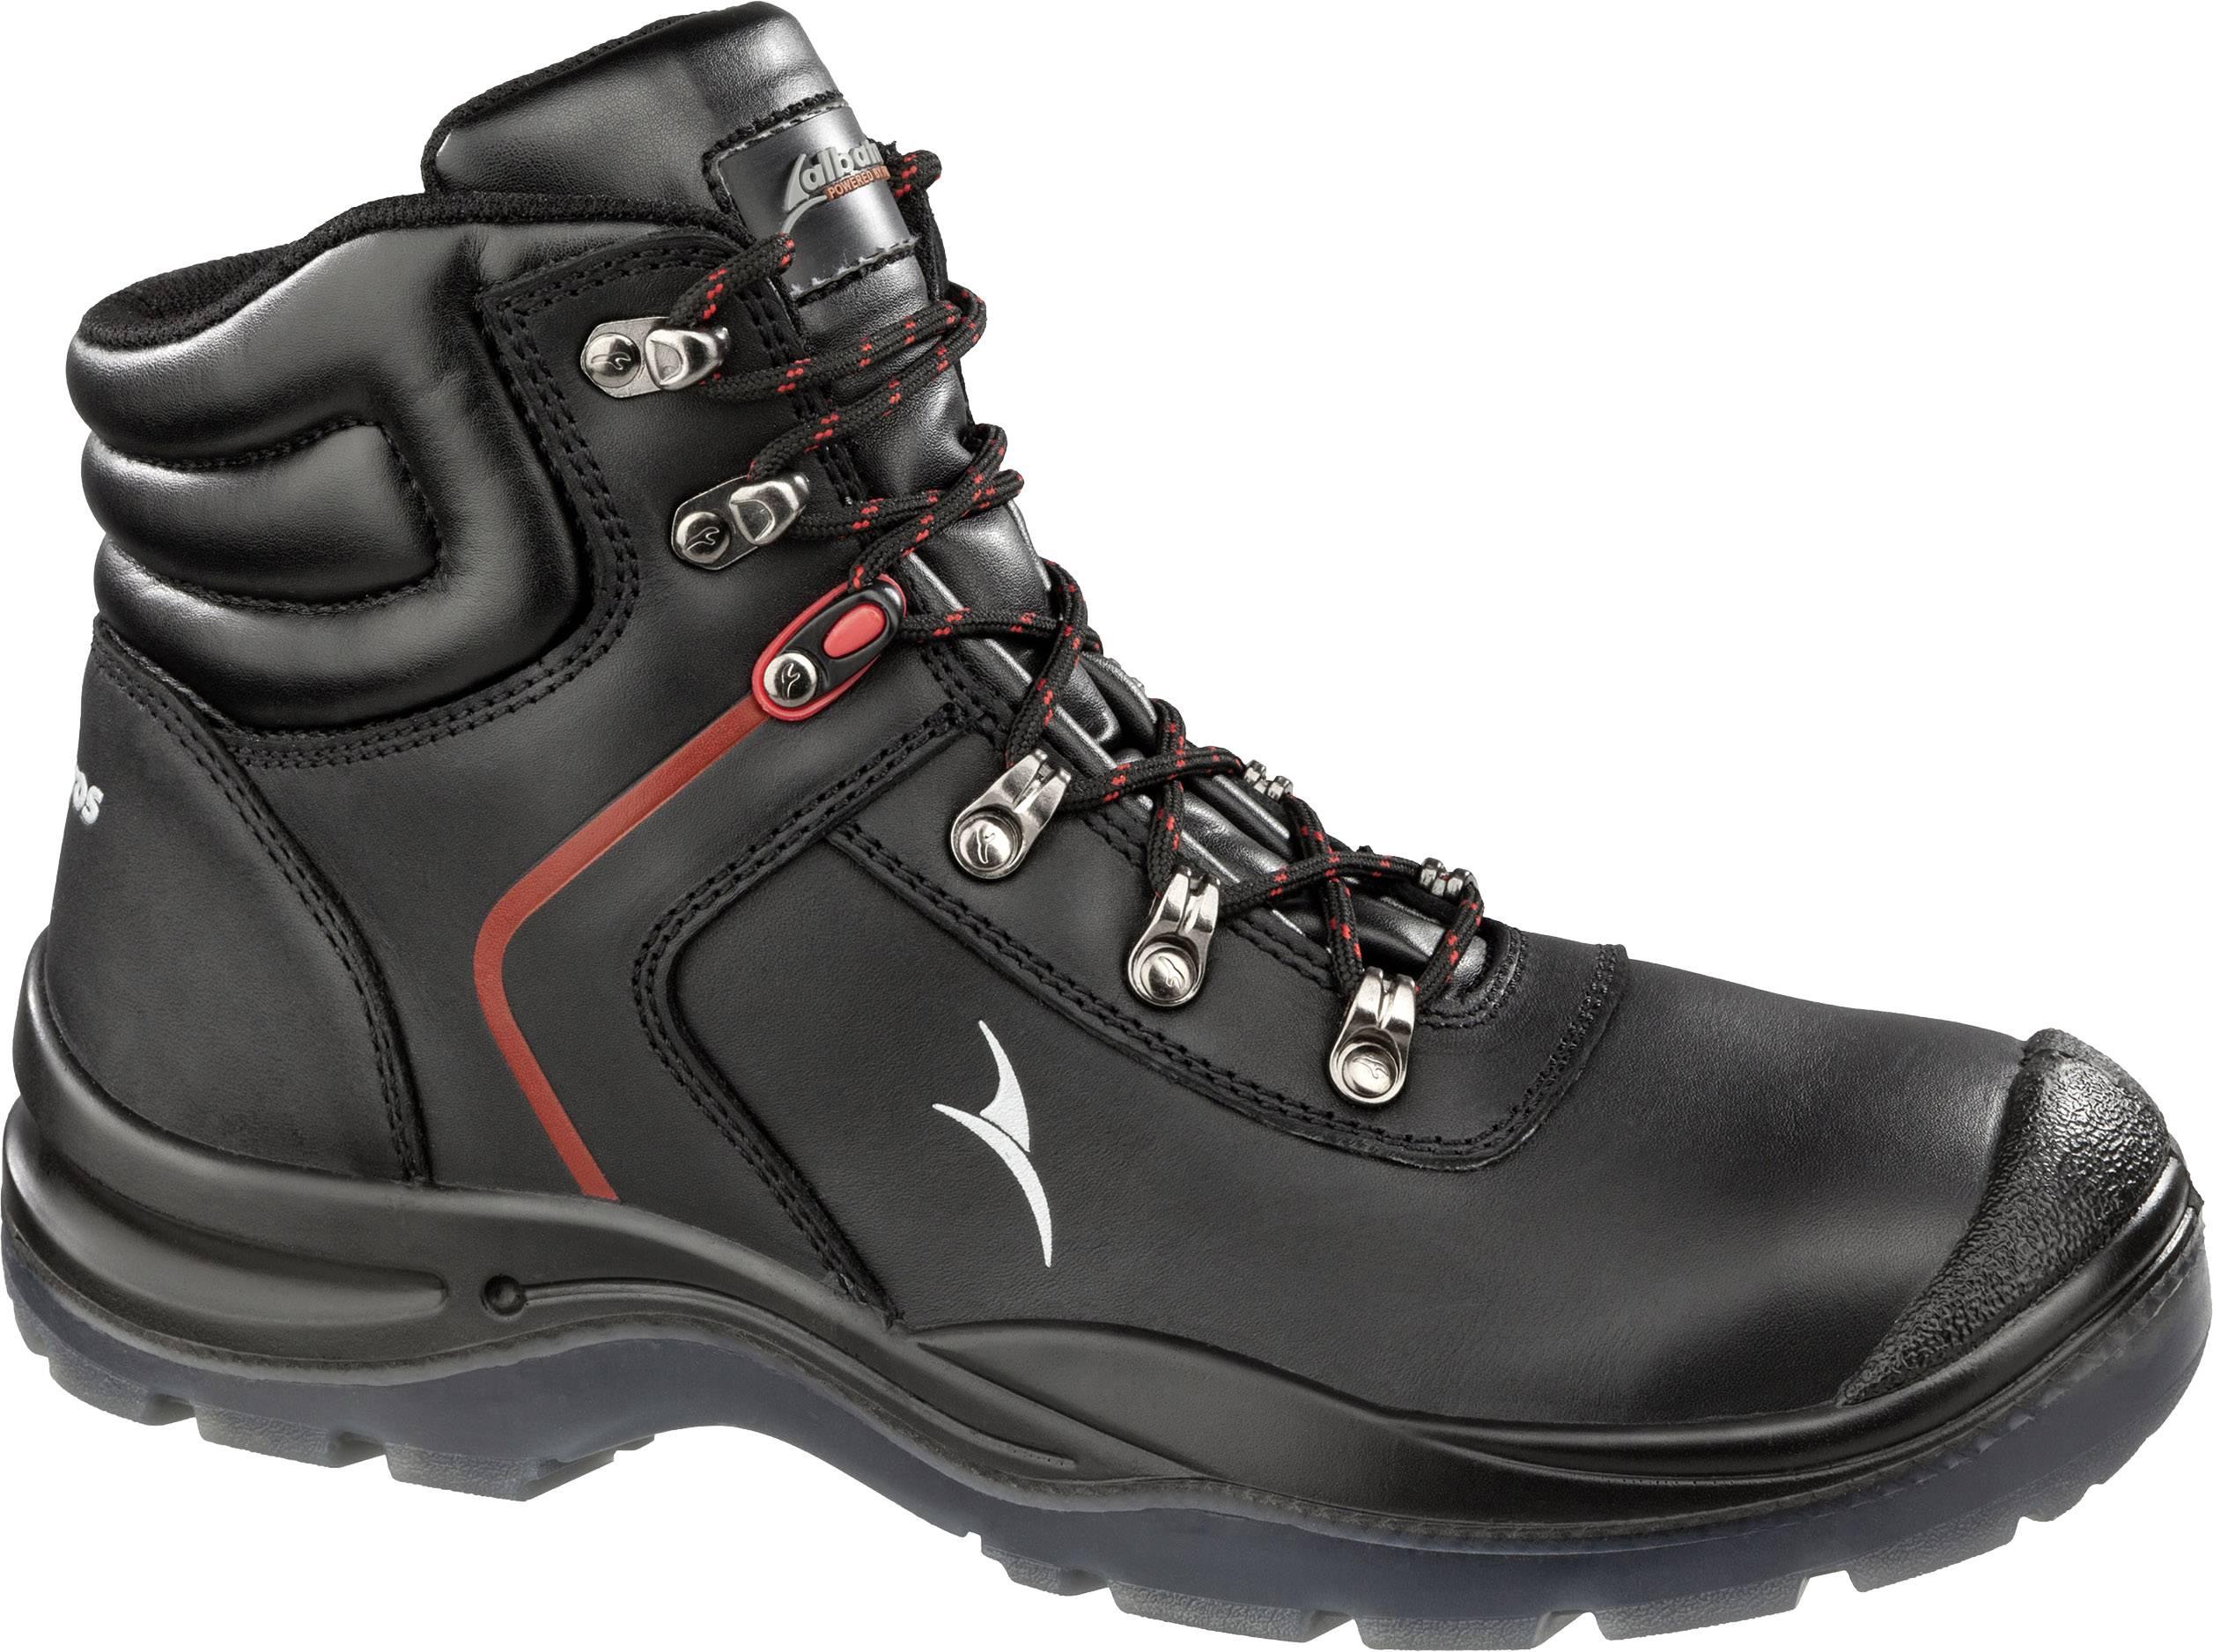 Bezpečnostná pracovná obuv S3 ,veľ. 43 Albatros 631080 1 pár